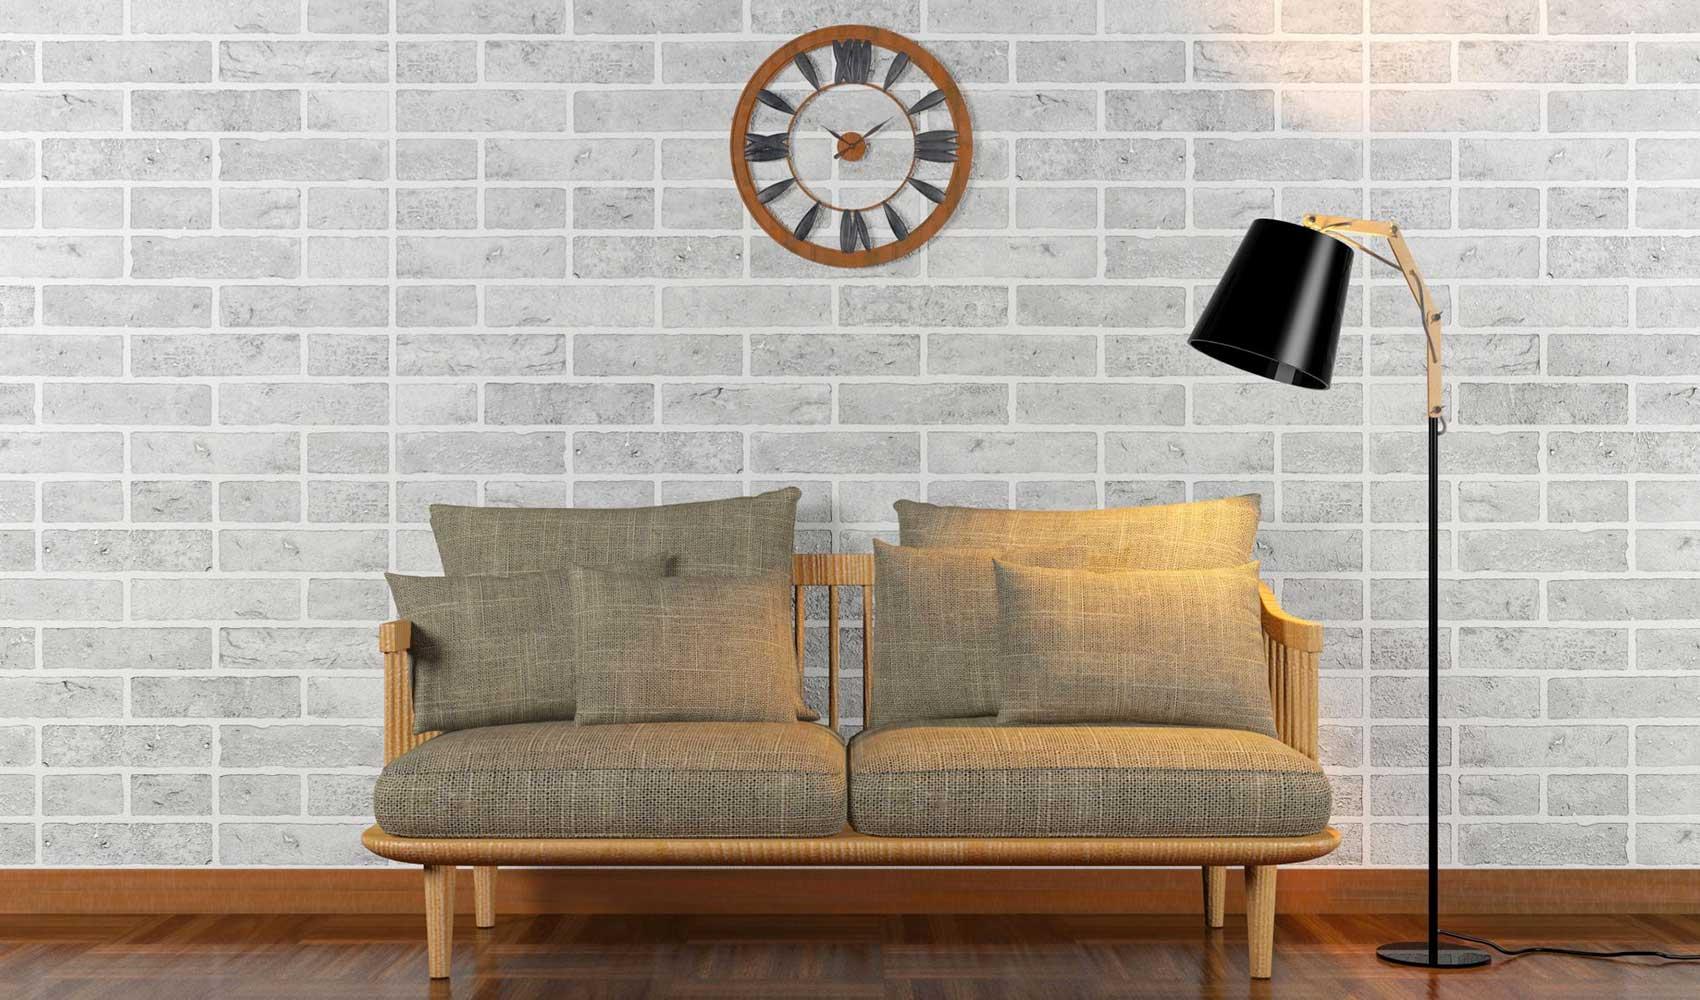 洗練された壁掛け時計オススメ10選!購入時のポイントとオシャレなオススメ製品をご紹介!